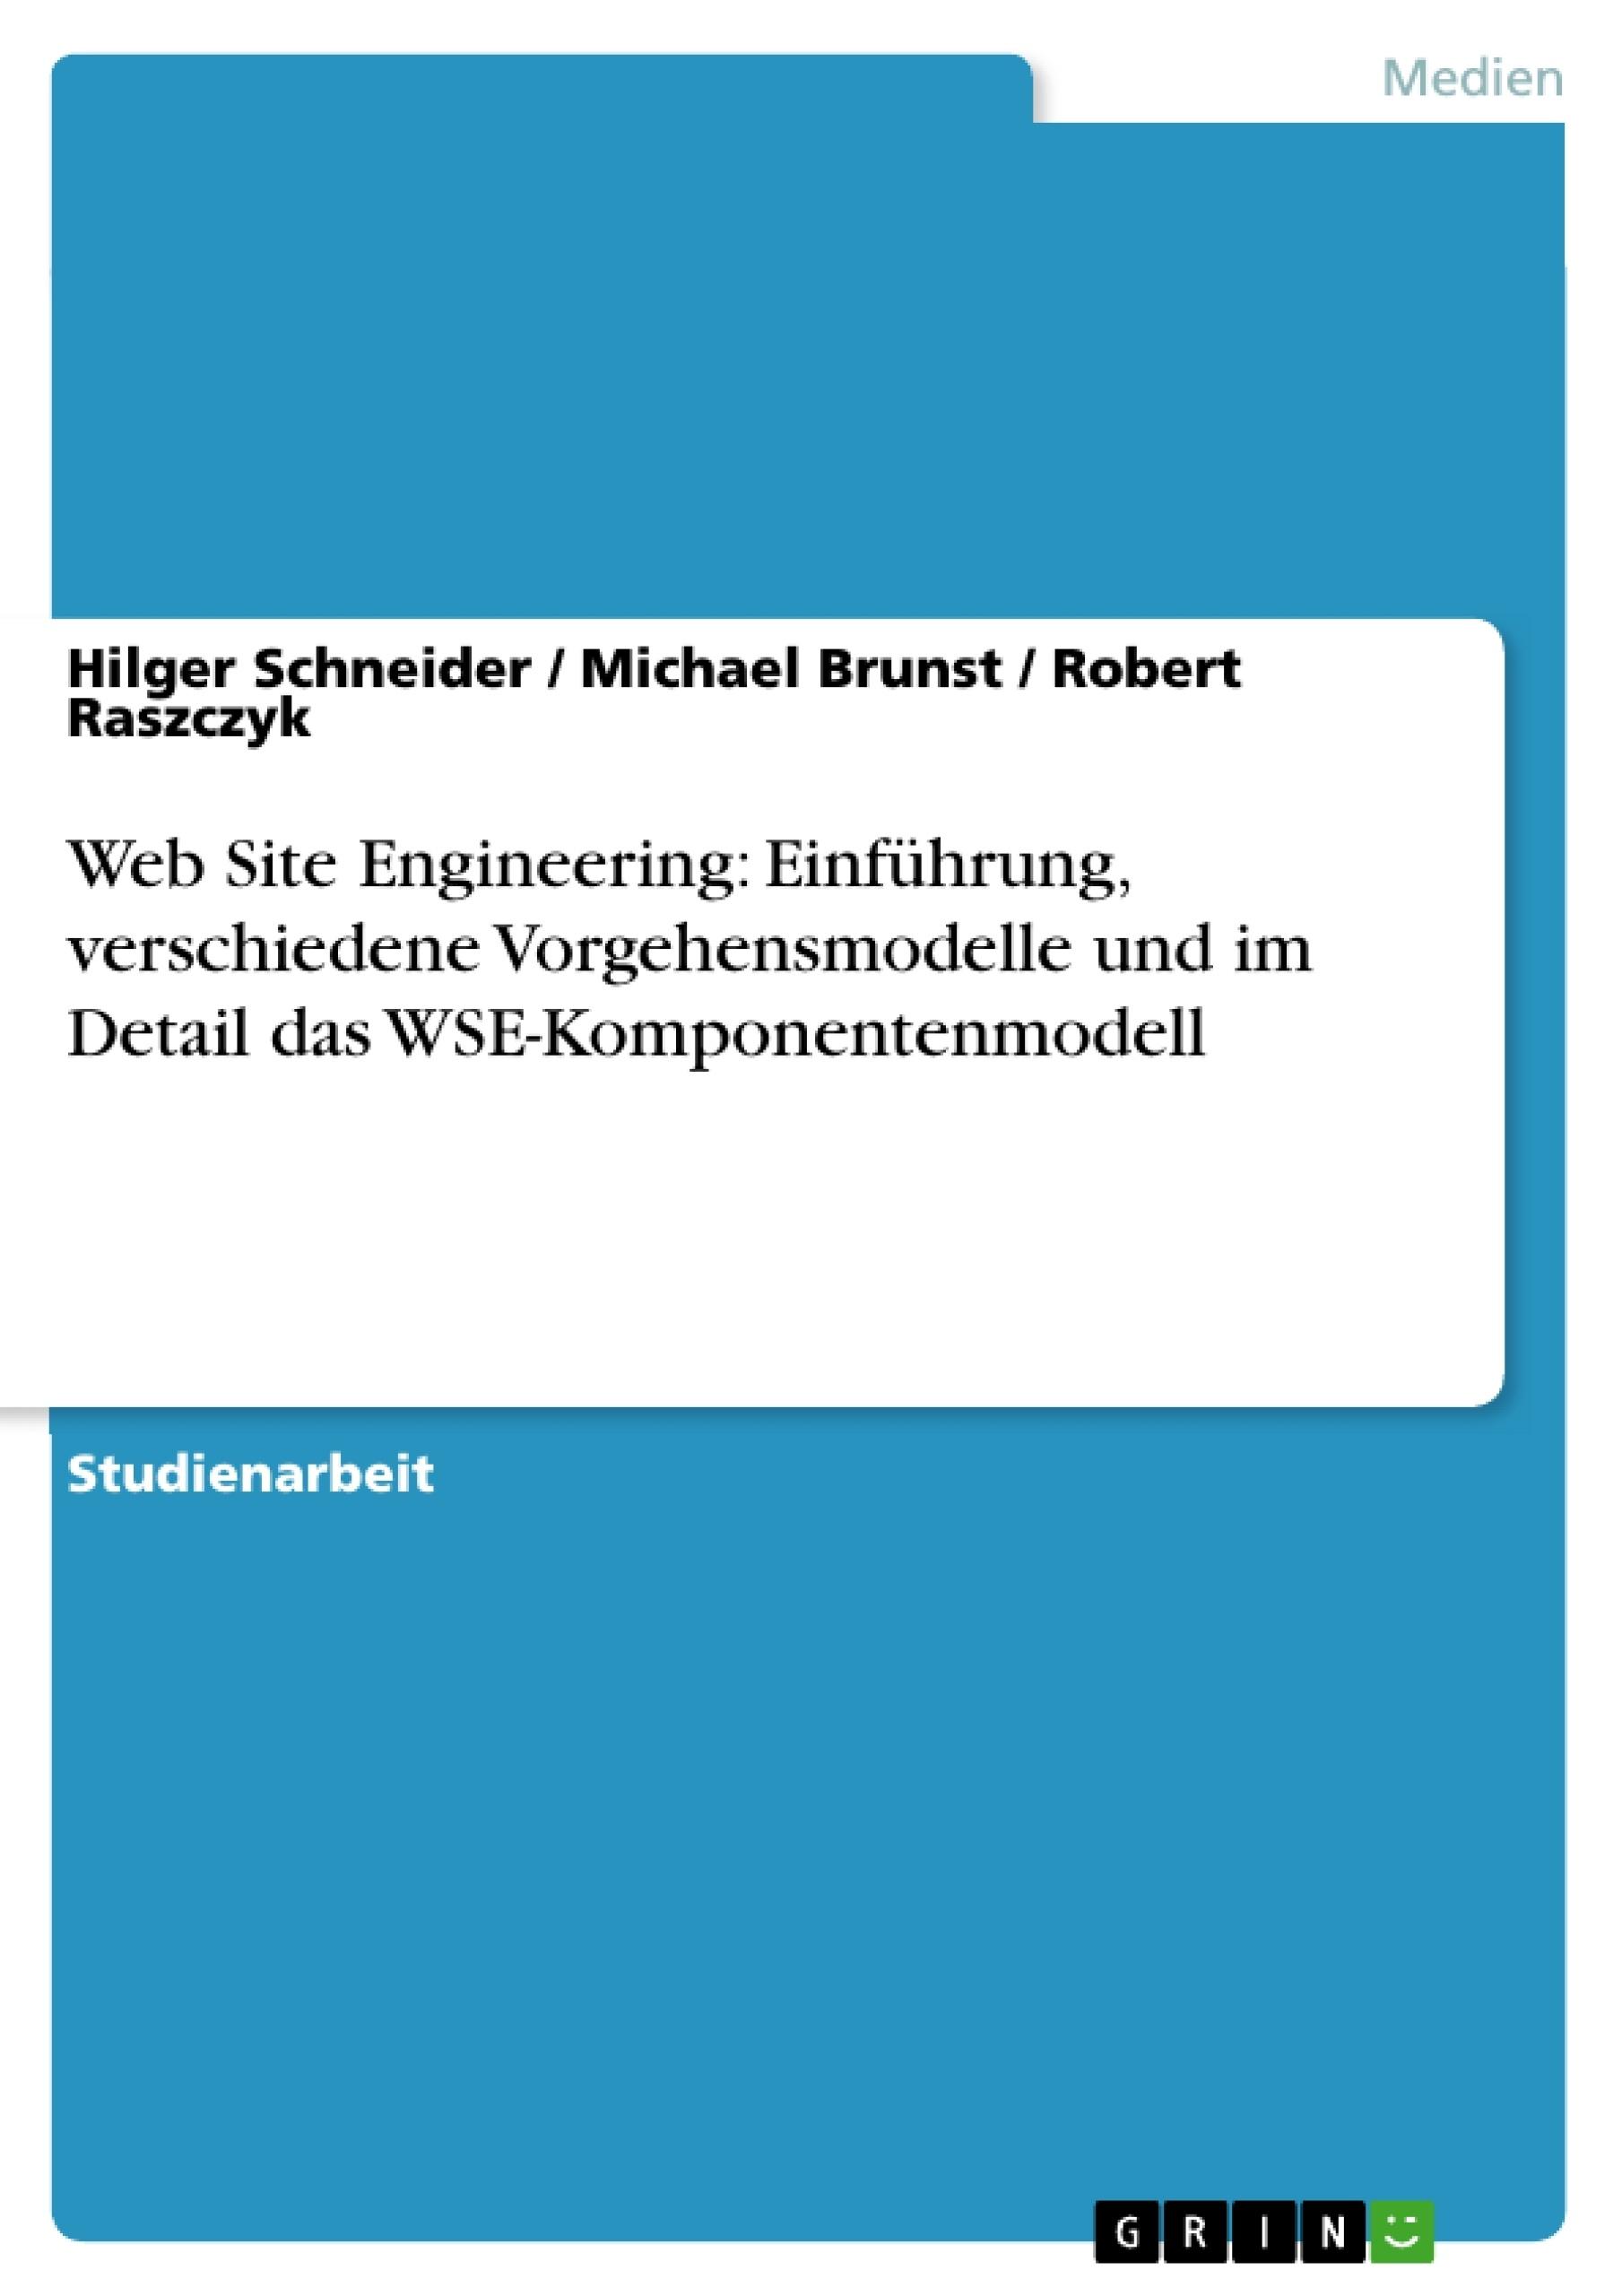 Titel: Web Site Engineering: Einführung, verschiedene Vorgehensmodelle und im Detail das WSE-Komponentenmodell